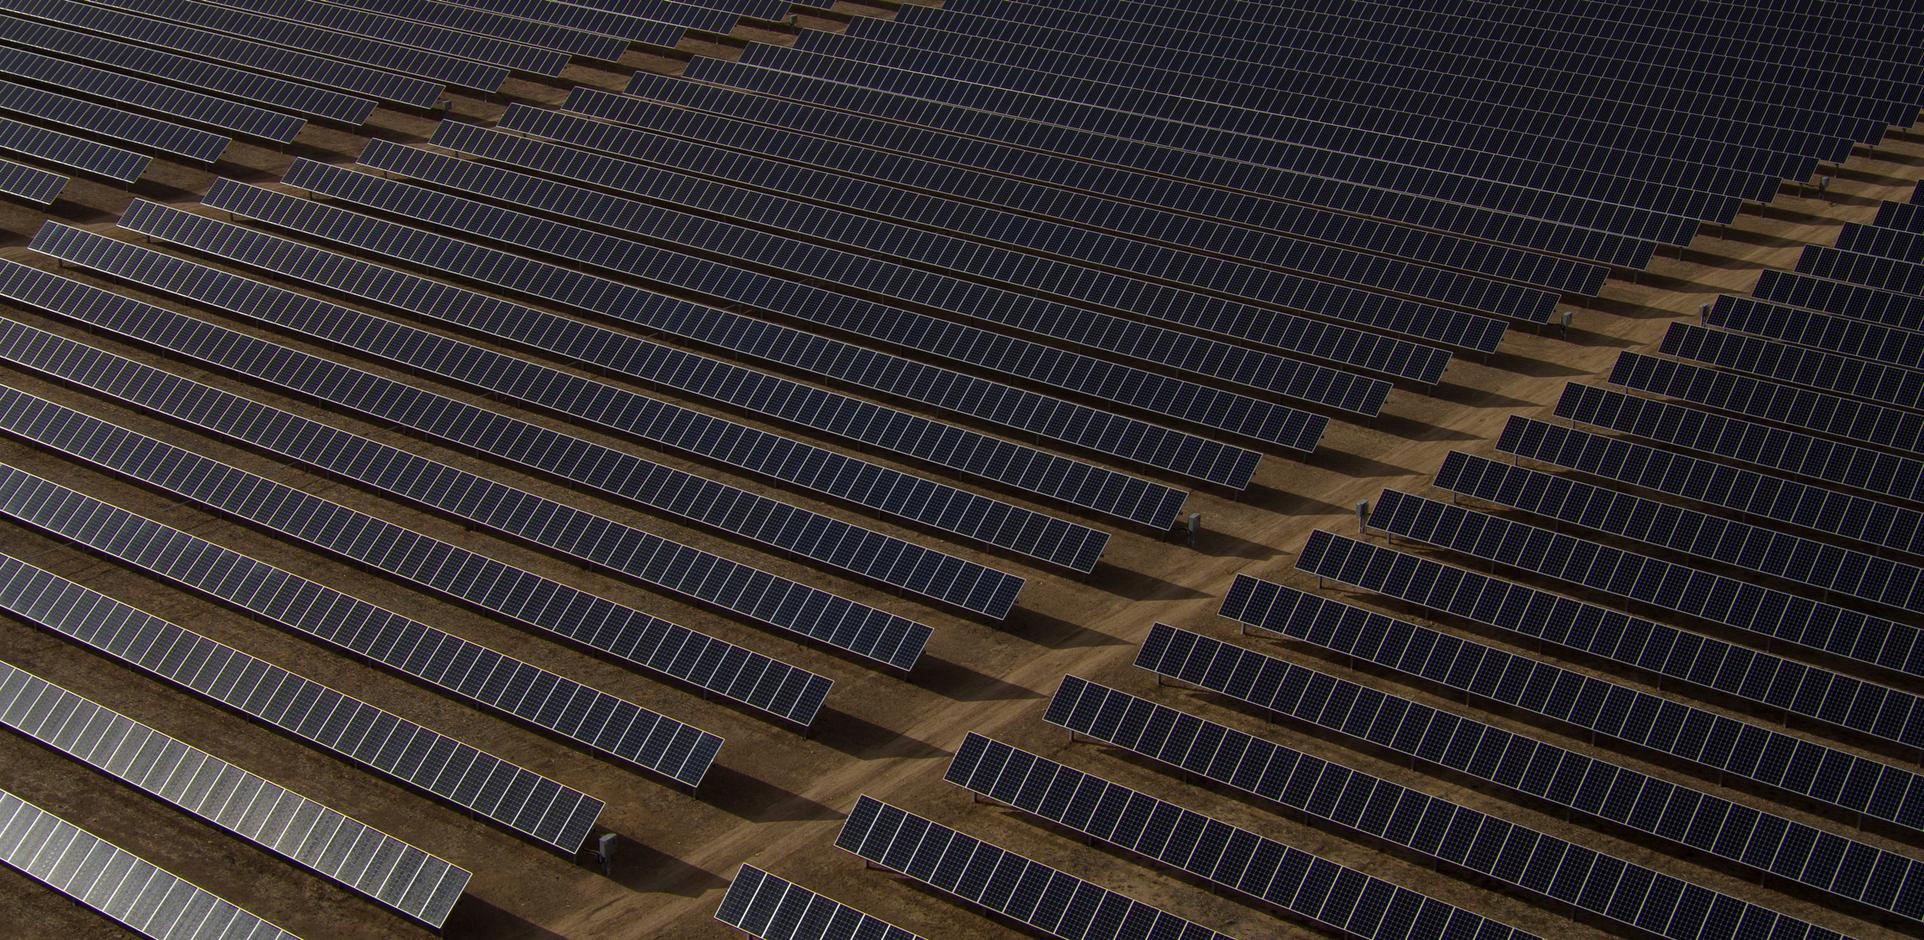 In jeder Solarzelle steckt 15 Gramm Silber